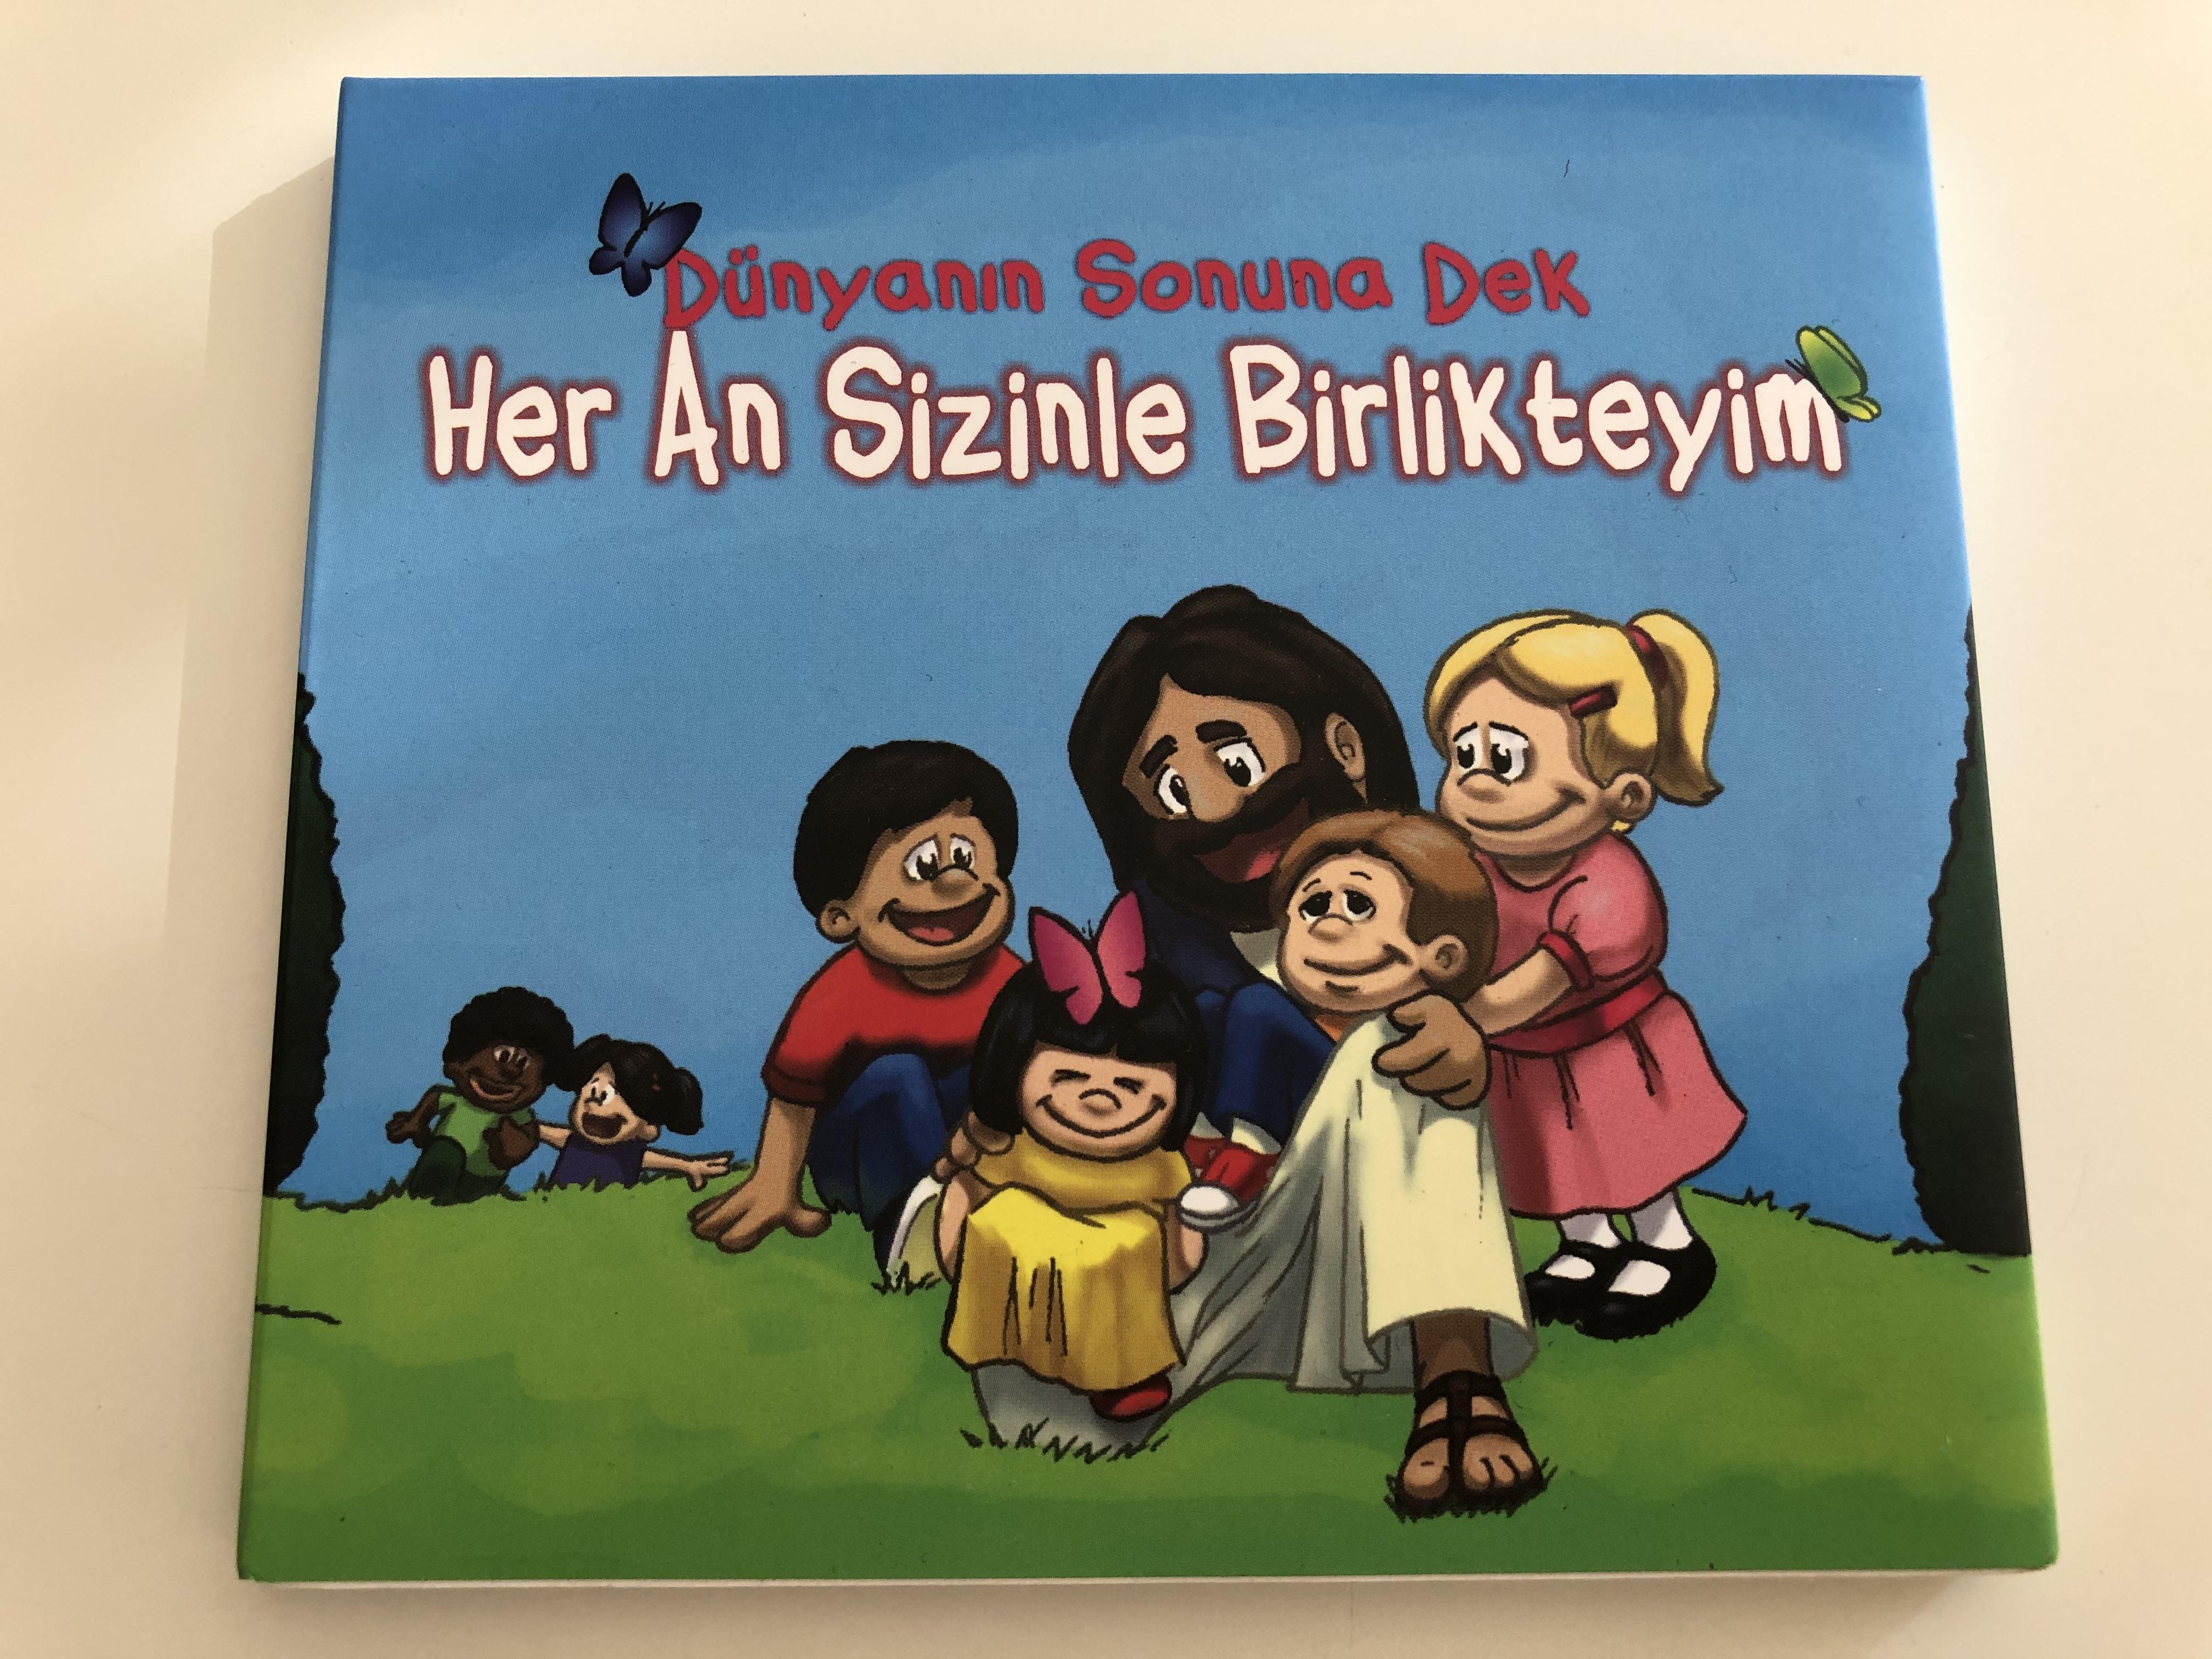 d-nyanin-sonuna-dek-her-an-sizinle-birlikteyim-audio-cd-kucak-yayincilik-christian-songs-for-children-in-turkish-1-.jpg